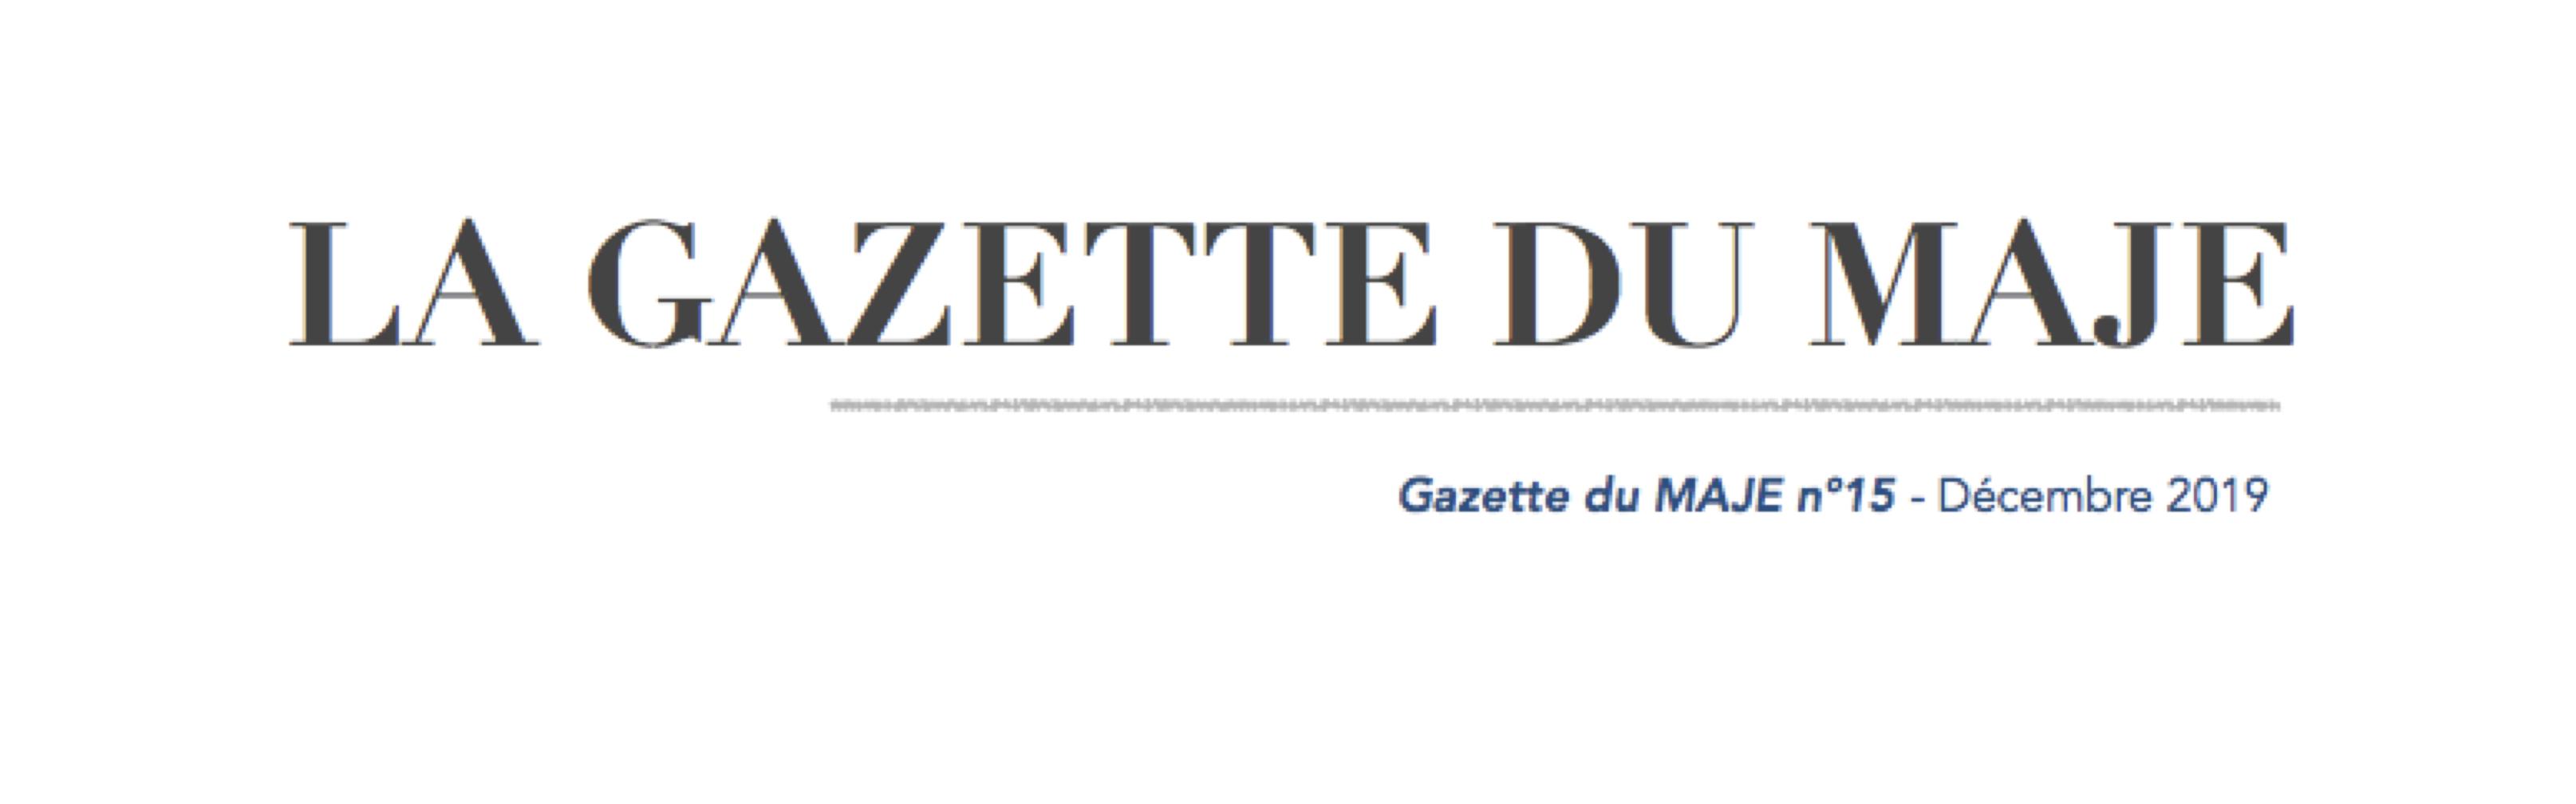 Gazette du MAJE n°15 – Décembre 2019